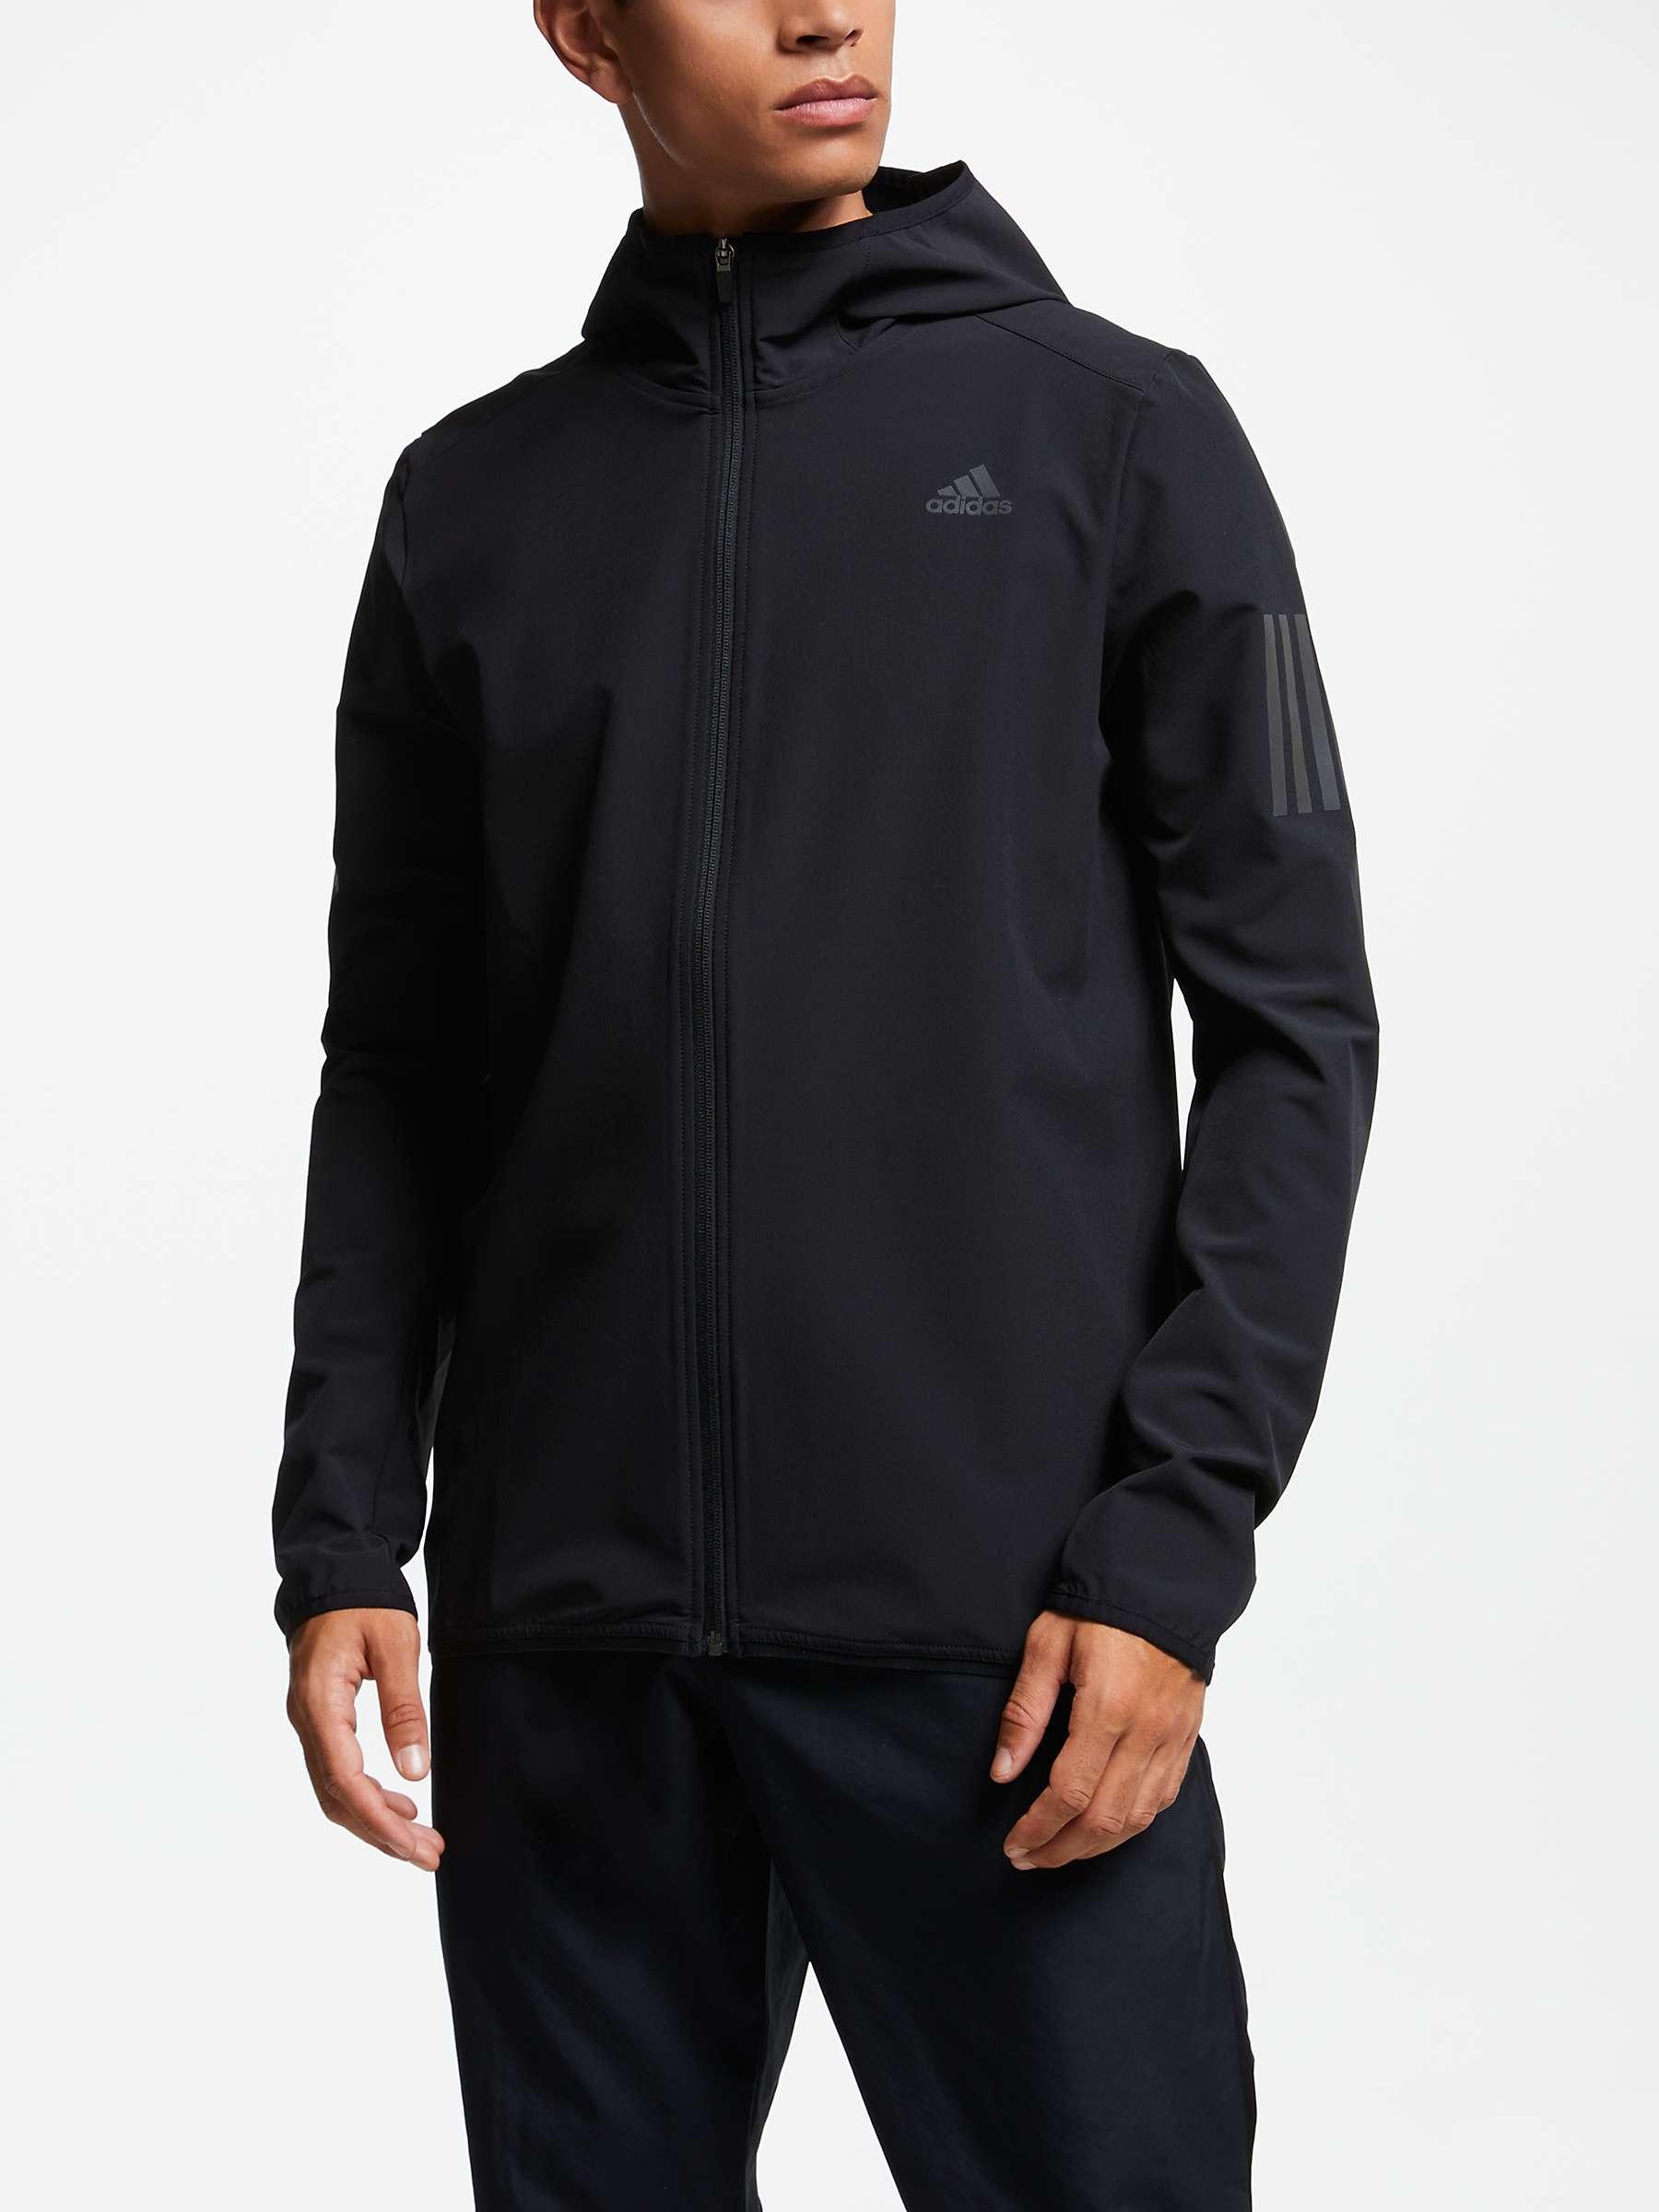 kauneus verkkokauppa verkkokauppa adidas Response Men's Running Jacket, Black